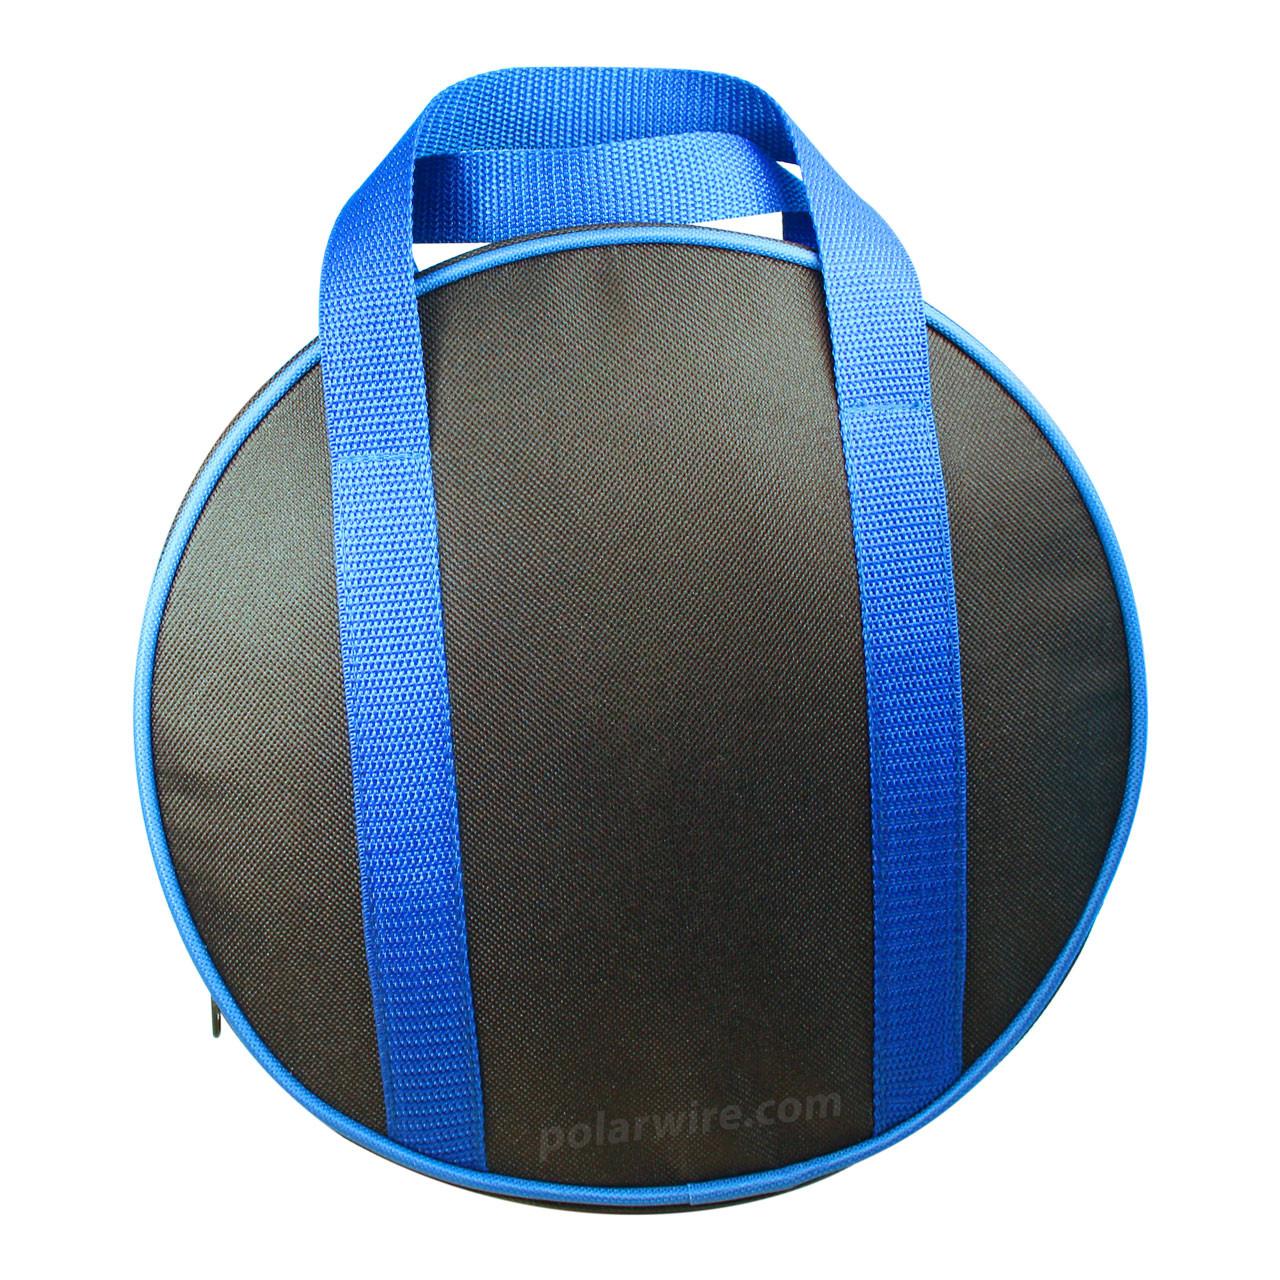 Medium jumper cable bag stows Arctic Superflex Blue 6 guage ATV/UTV jumper cables comfortably